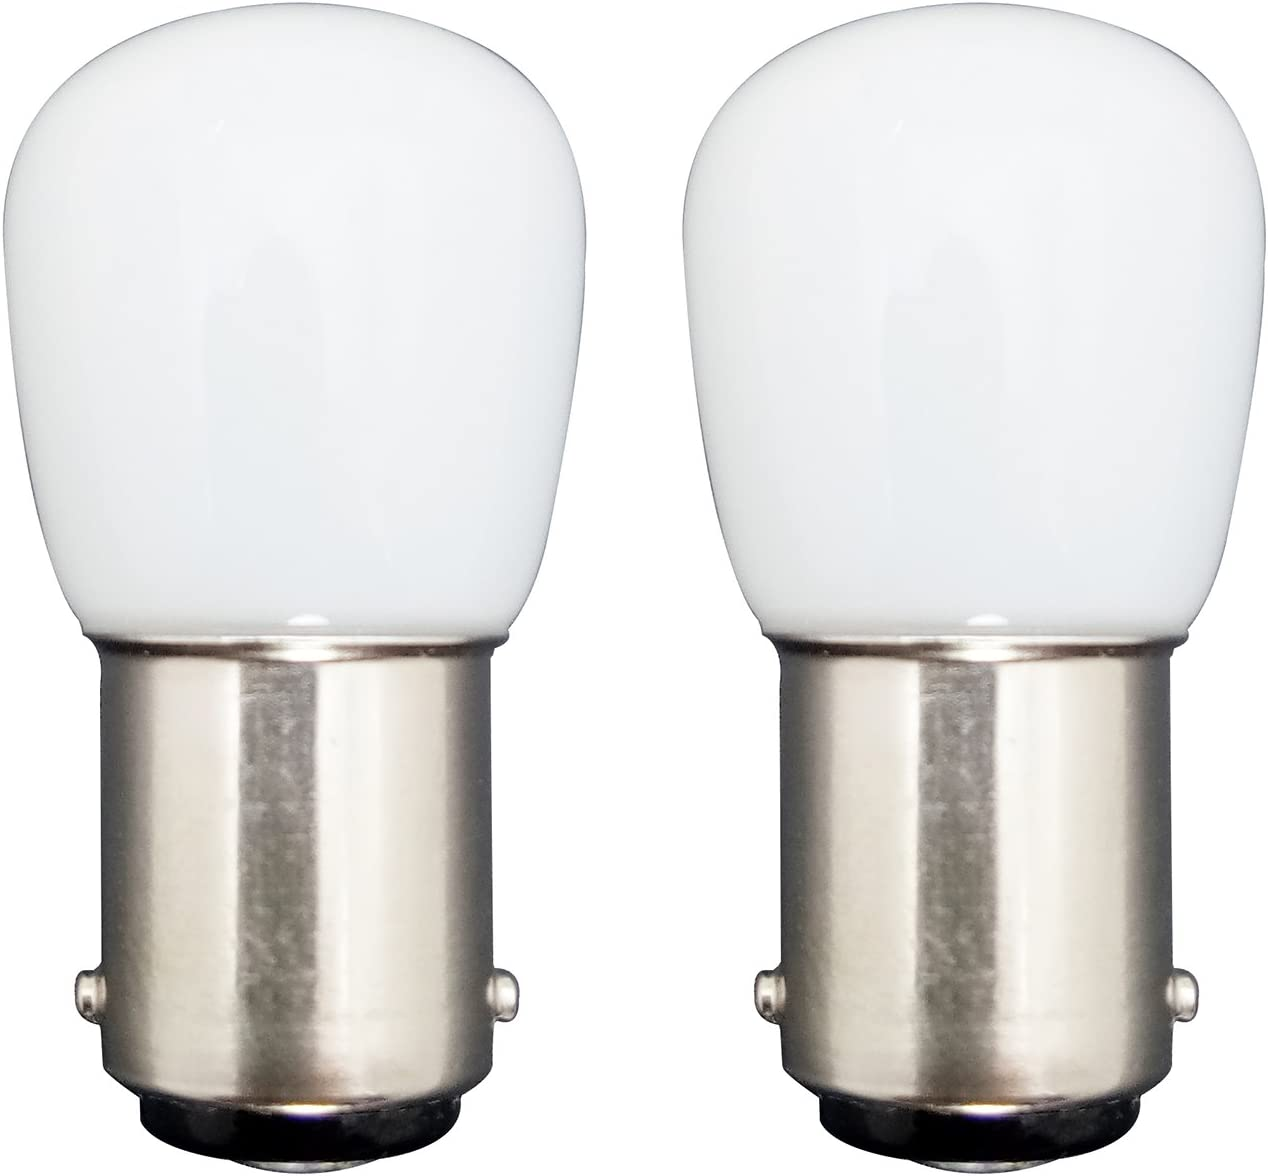 MZMing [2 Pack] Bombilla LED B15 1.5W en lugar de 15W 2700K lámpara halógena blanca 120lm Temperatura baja no ajustable para refrigerador / máquina de coser